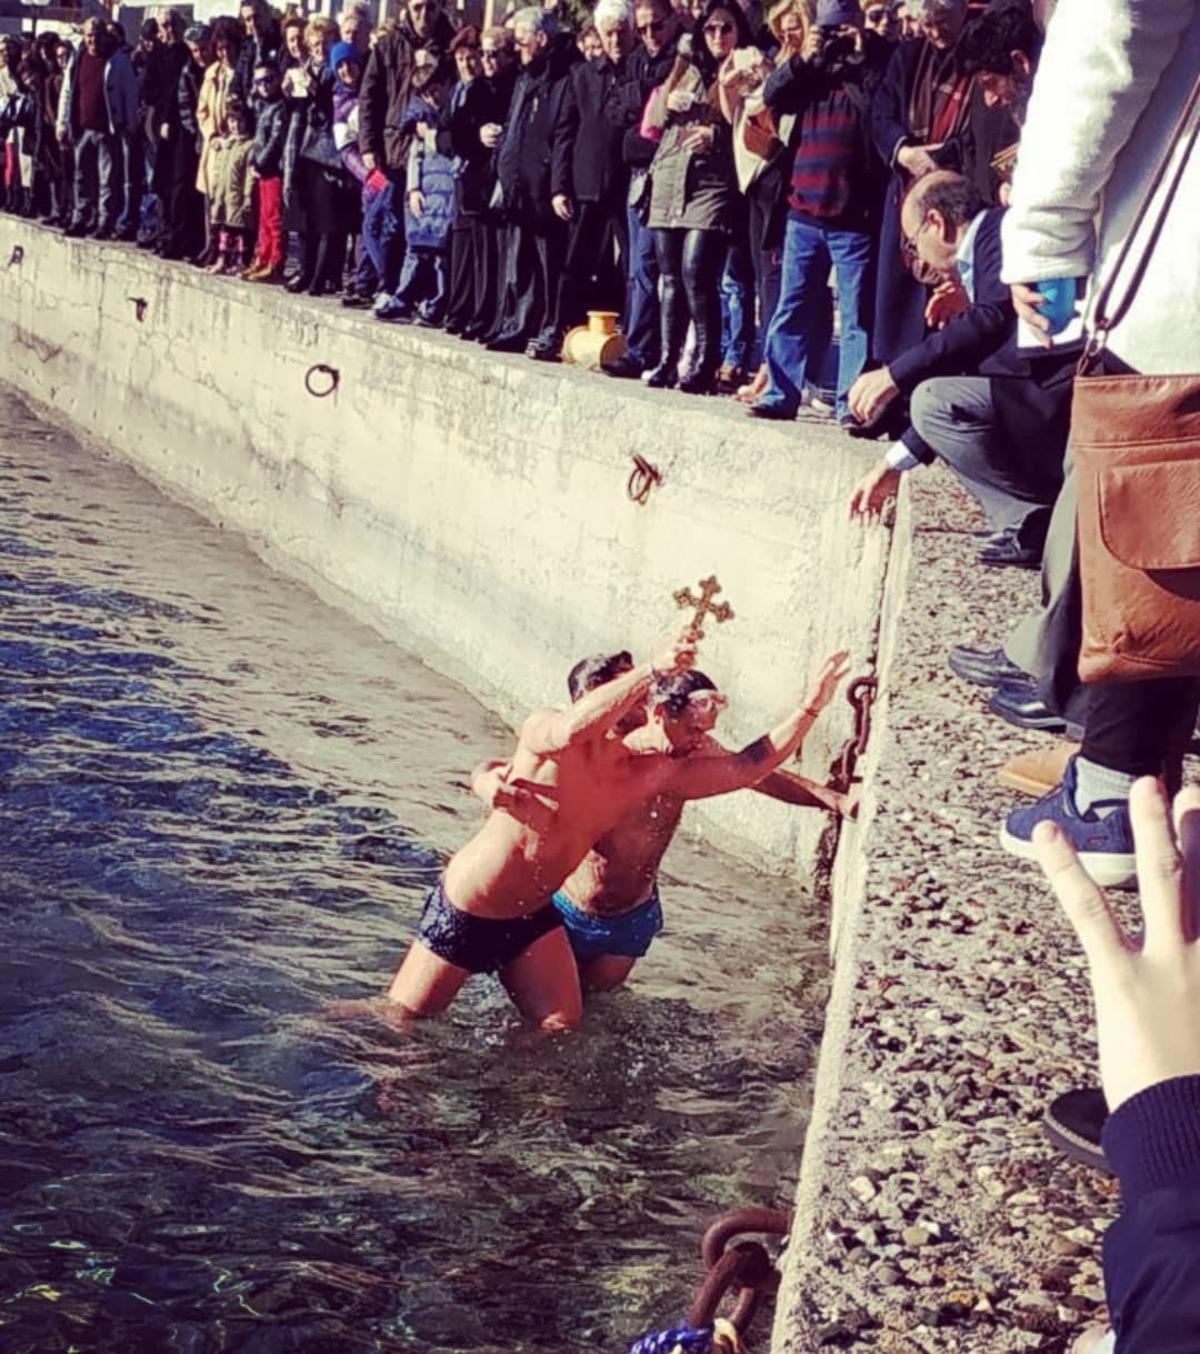 Ποιος γνωστός Έλληνας βούτηξε στα παγωμένα νερά και έπιασε τον Σταυρό; [pic,video]